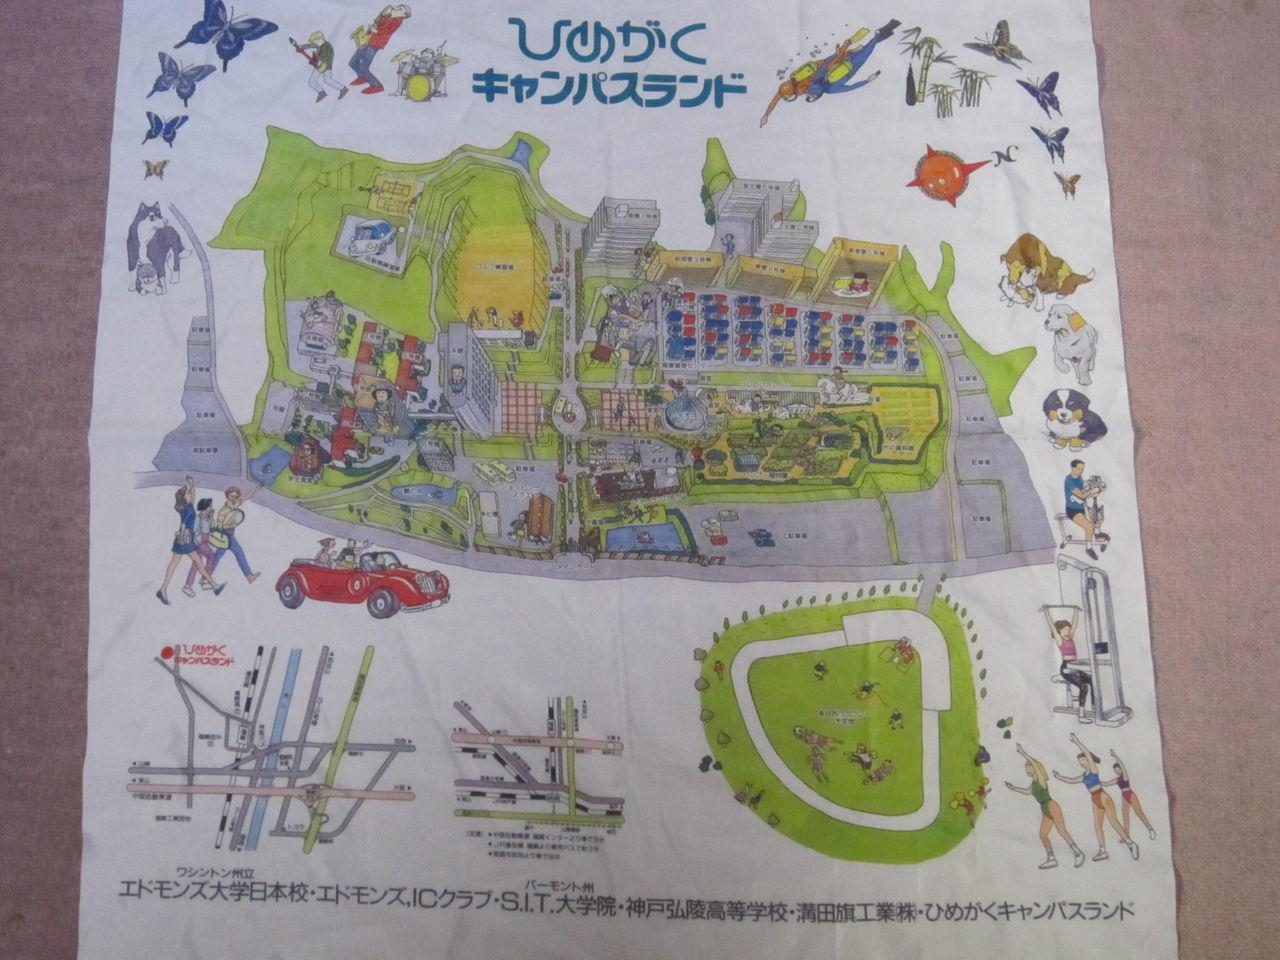 NOWな姫路   バブルな時代の理想絵図    ひめがくキャンパスランドの地図 コメント